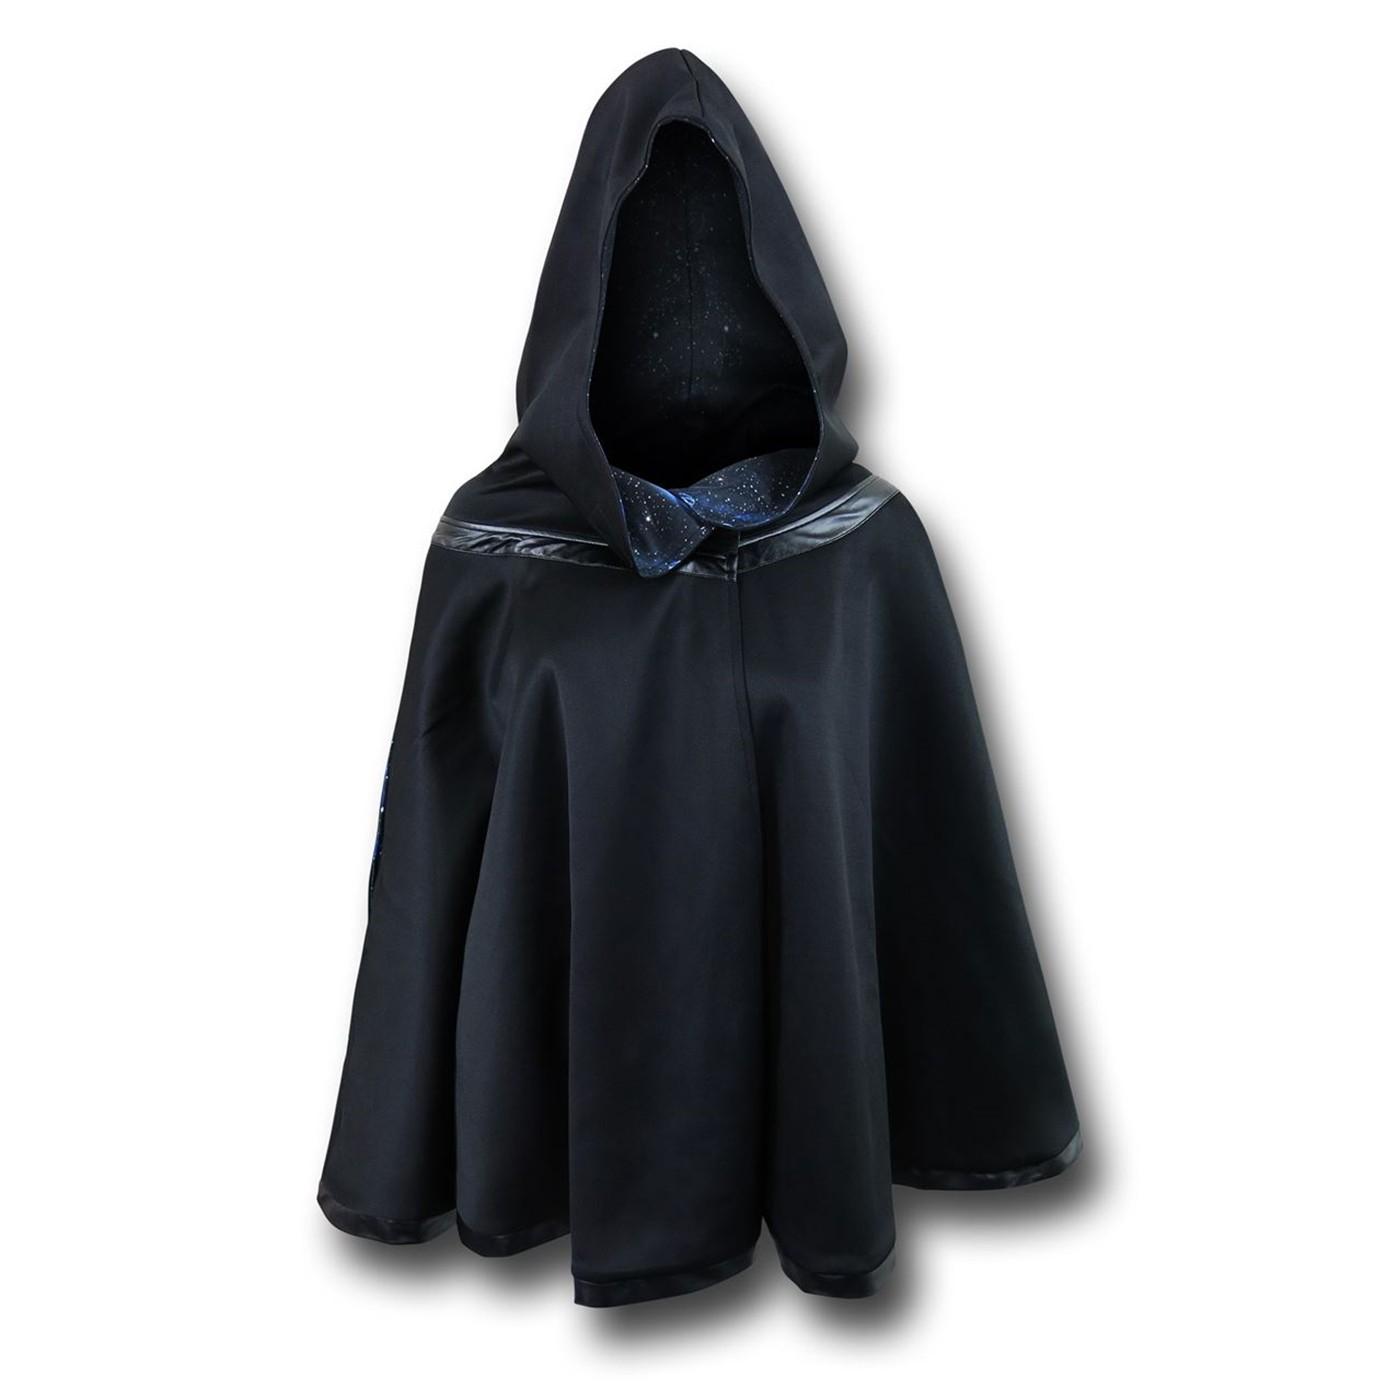 Star Wars Death Star Reversible Women's Hooded Cape